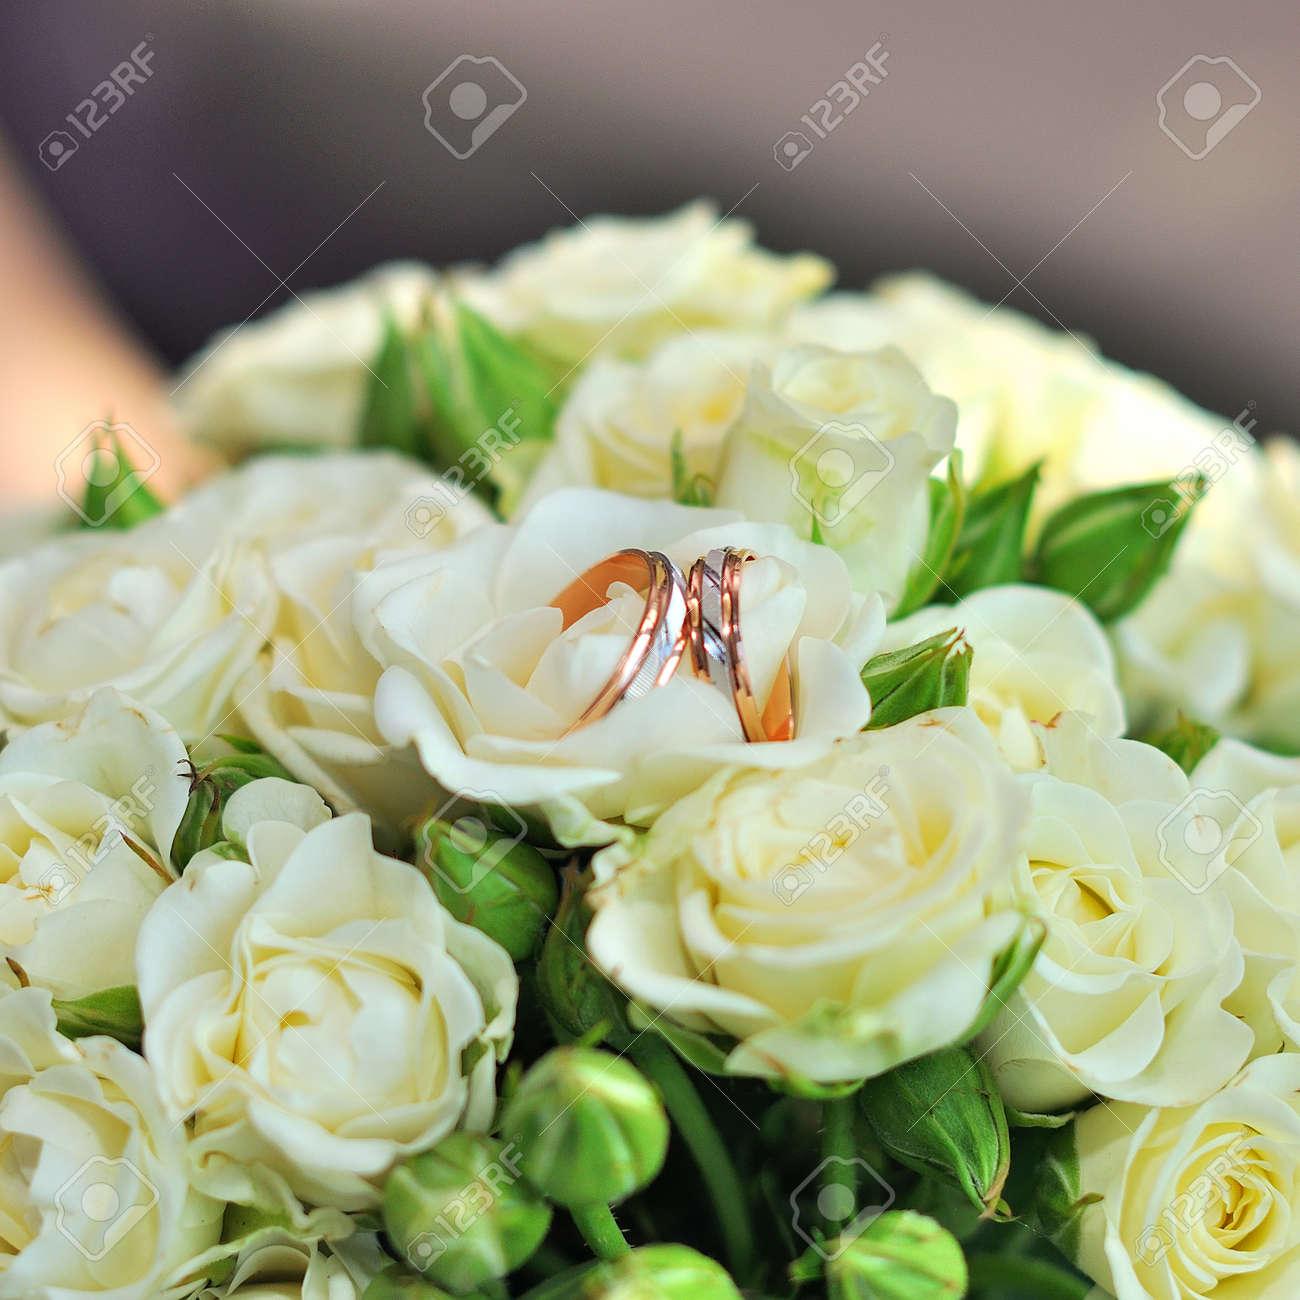 Hochzeitsblumen Brautblumenstrauss Nahaufnahme Dekoration Aus Rosen